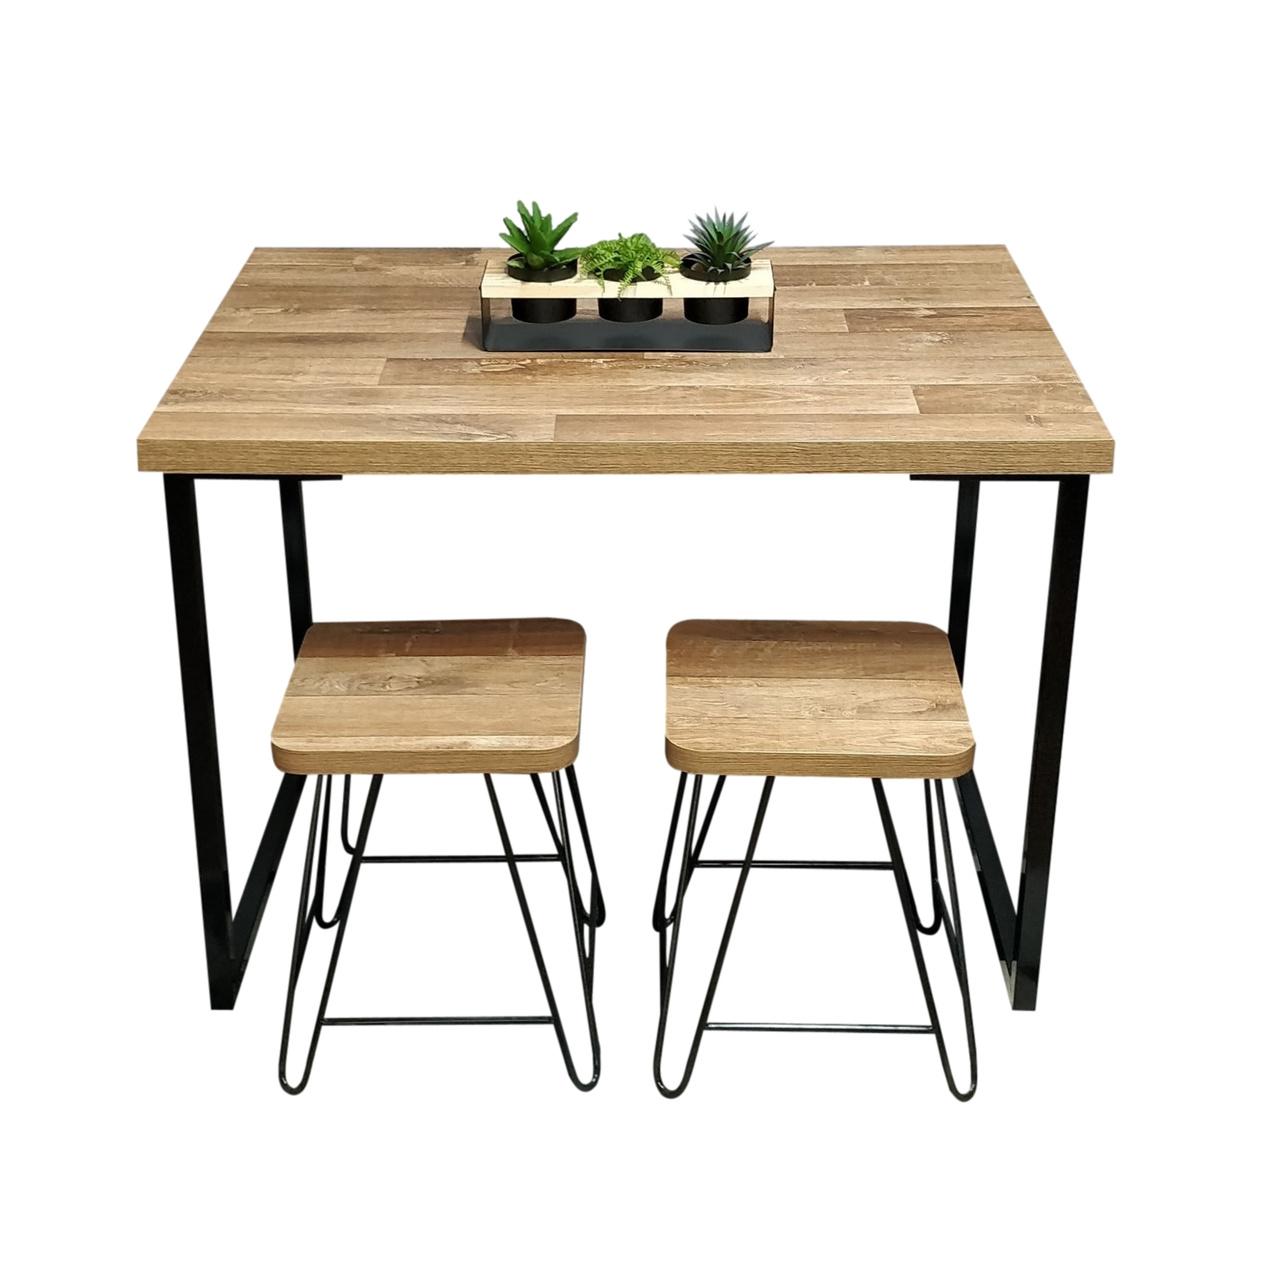 Mesa de Jantar Industrial Western 90 x 150 Squared Legs com 2 Banquinhos e 4 Cadeiras Brancas  - Mtne Store